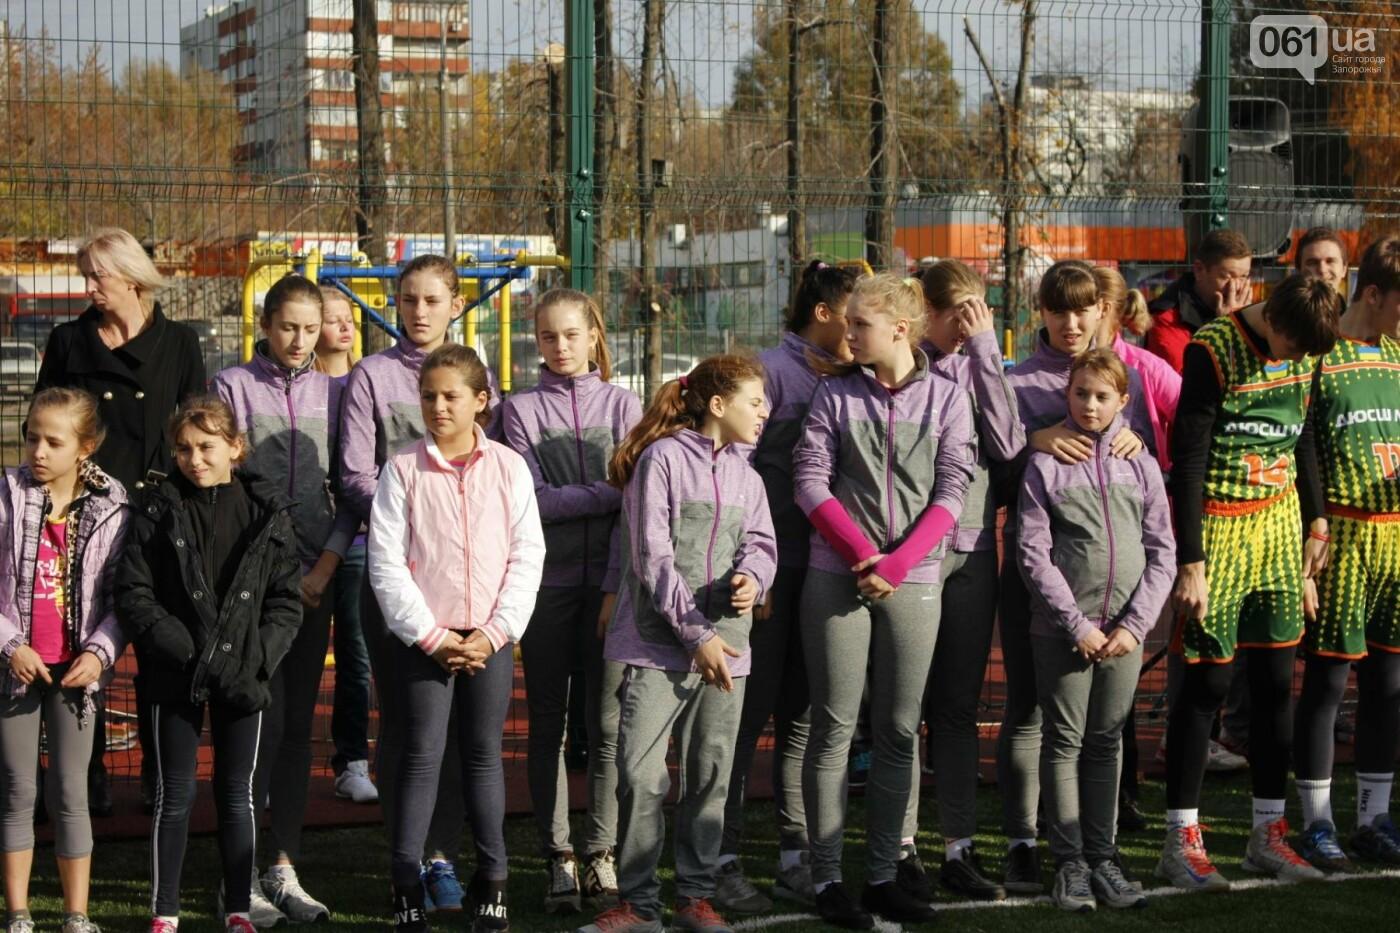 В Бородинском микрорайоне открыли школьный стадион: как это выглядит, - ФОТОРЕПОРТАЖ, фото-4